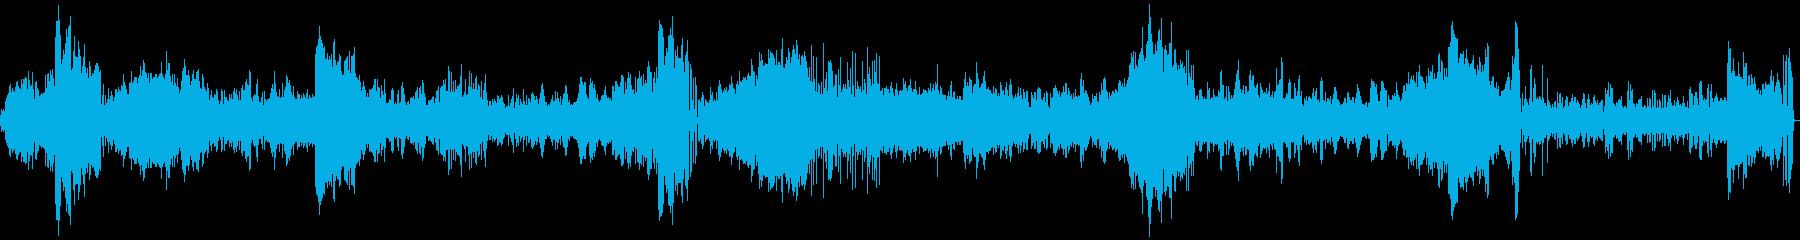 森を抜けて初夏の海へたどり着くような曲の再生済みの波形